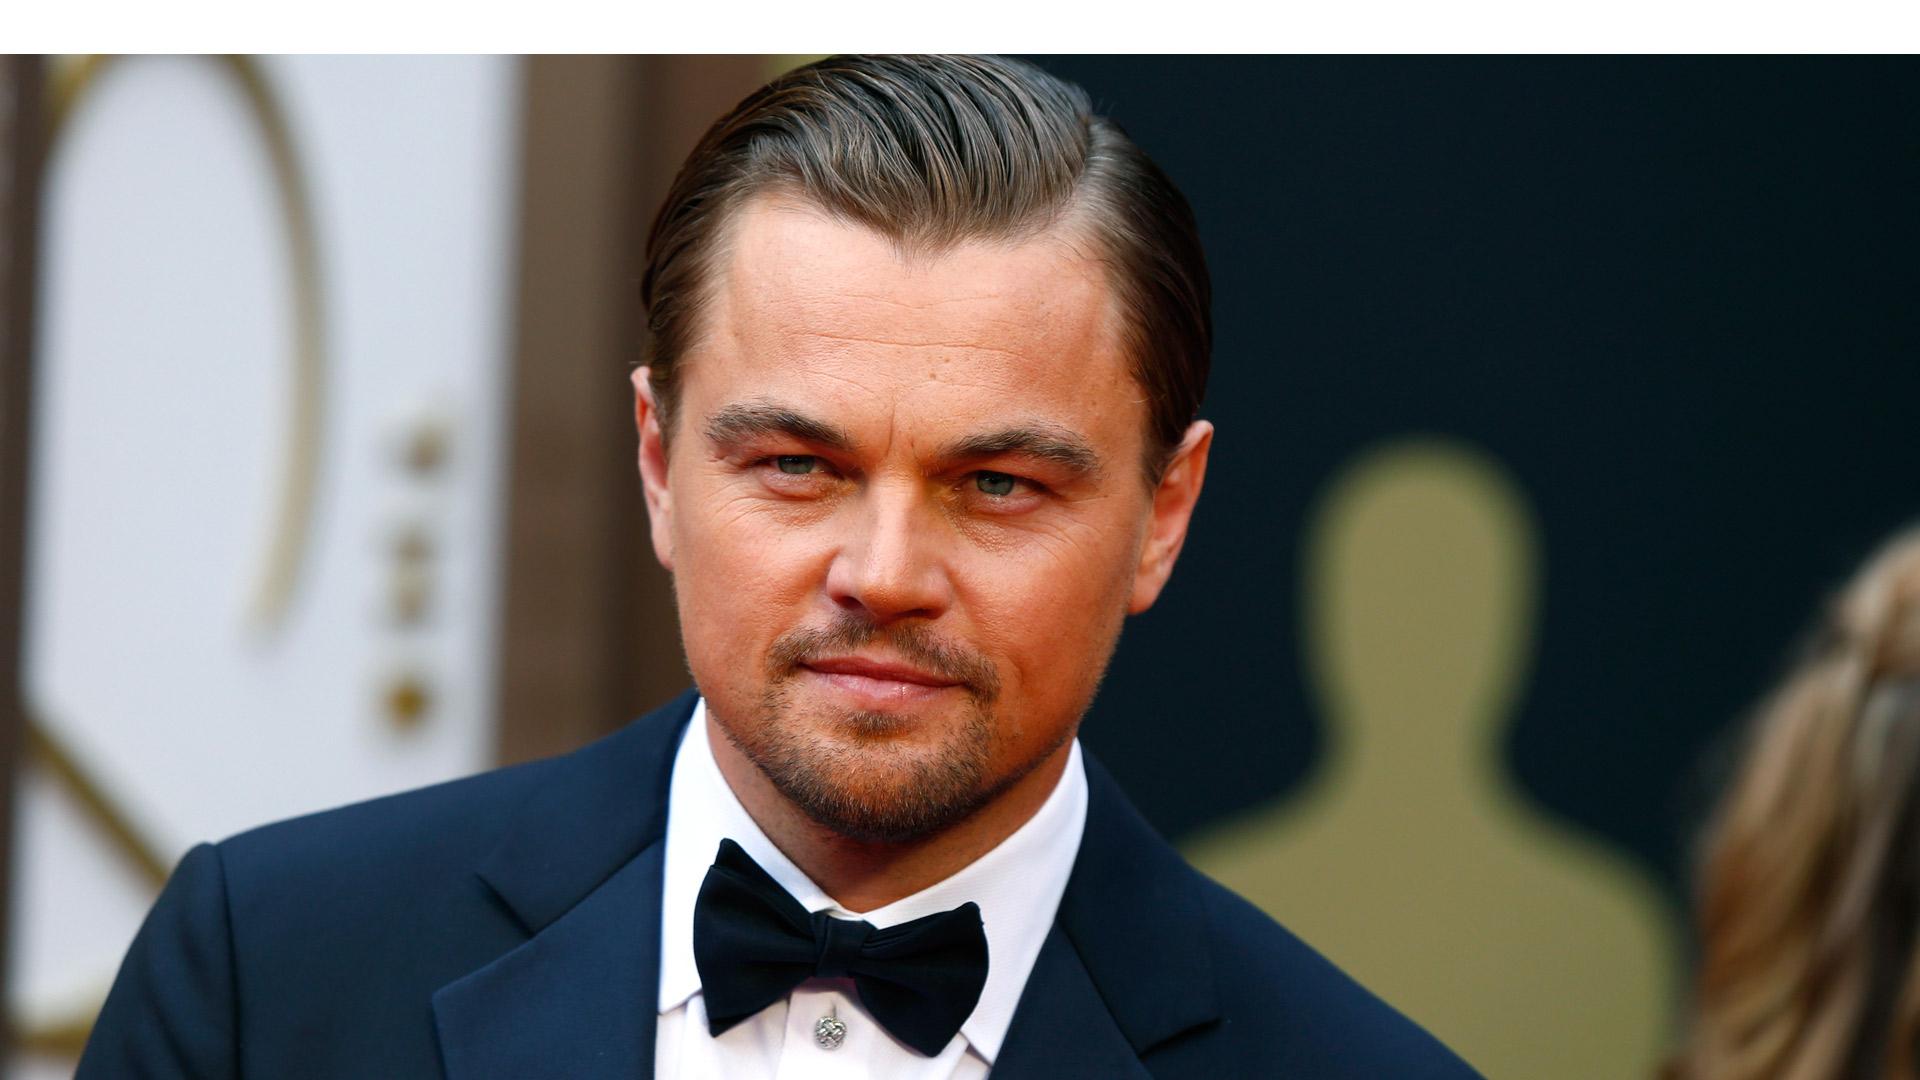 El encargado del proyecto será Leonardo DiCaprio, uno de los actores más activos en la lucha contra el cambio climático